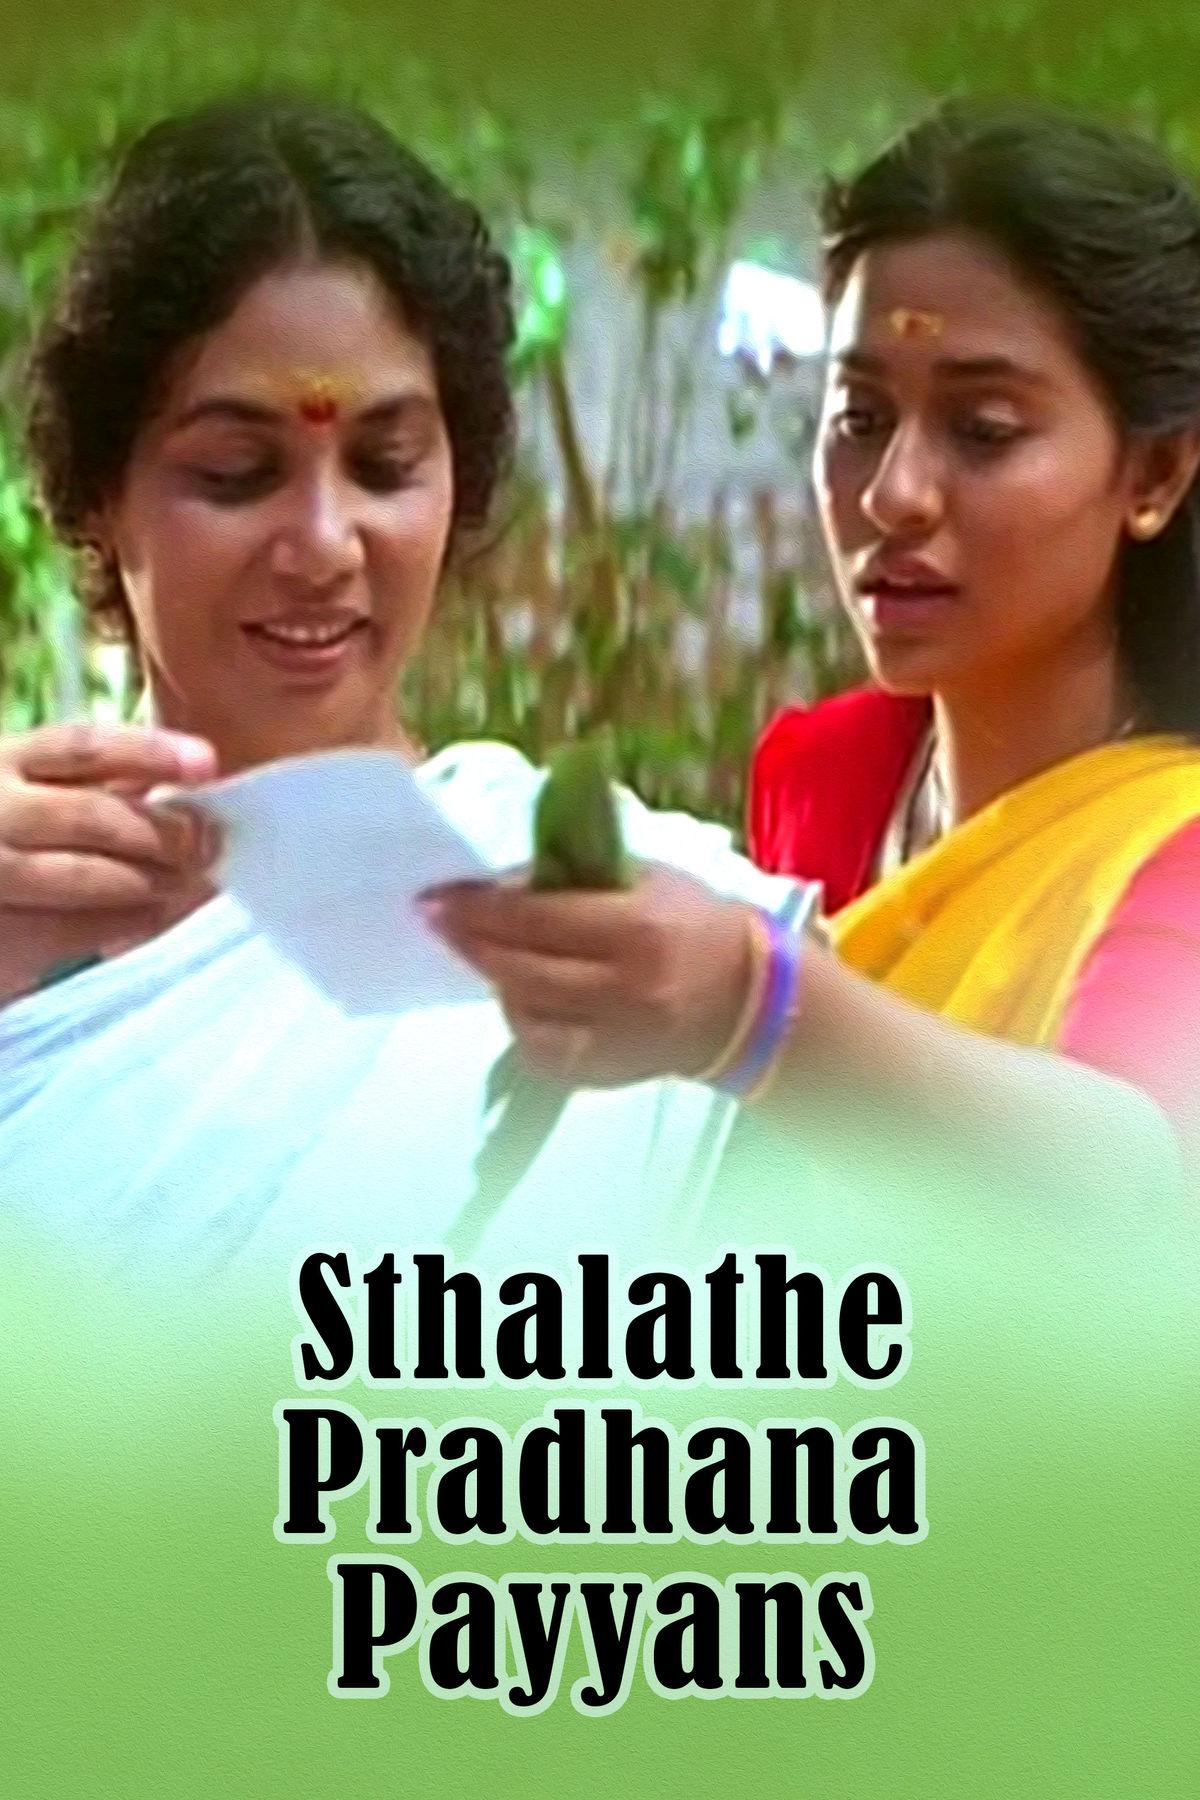 Sthalathe Pradhana Payyans